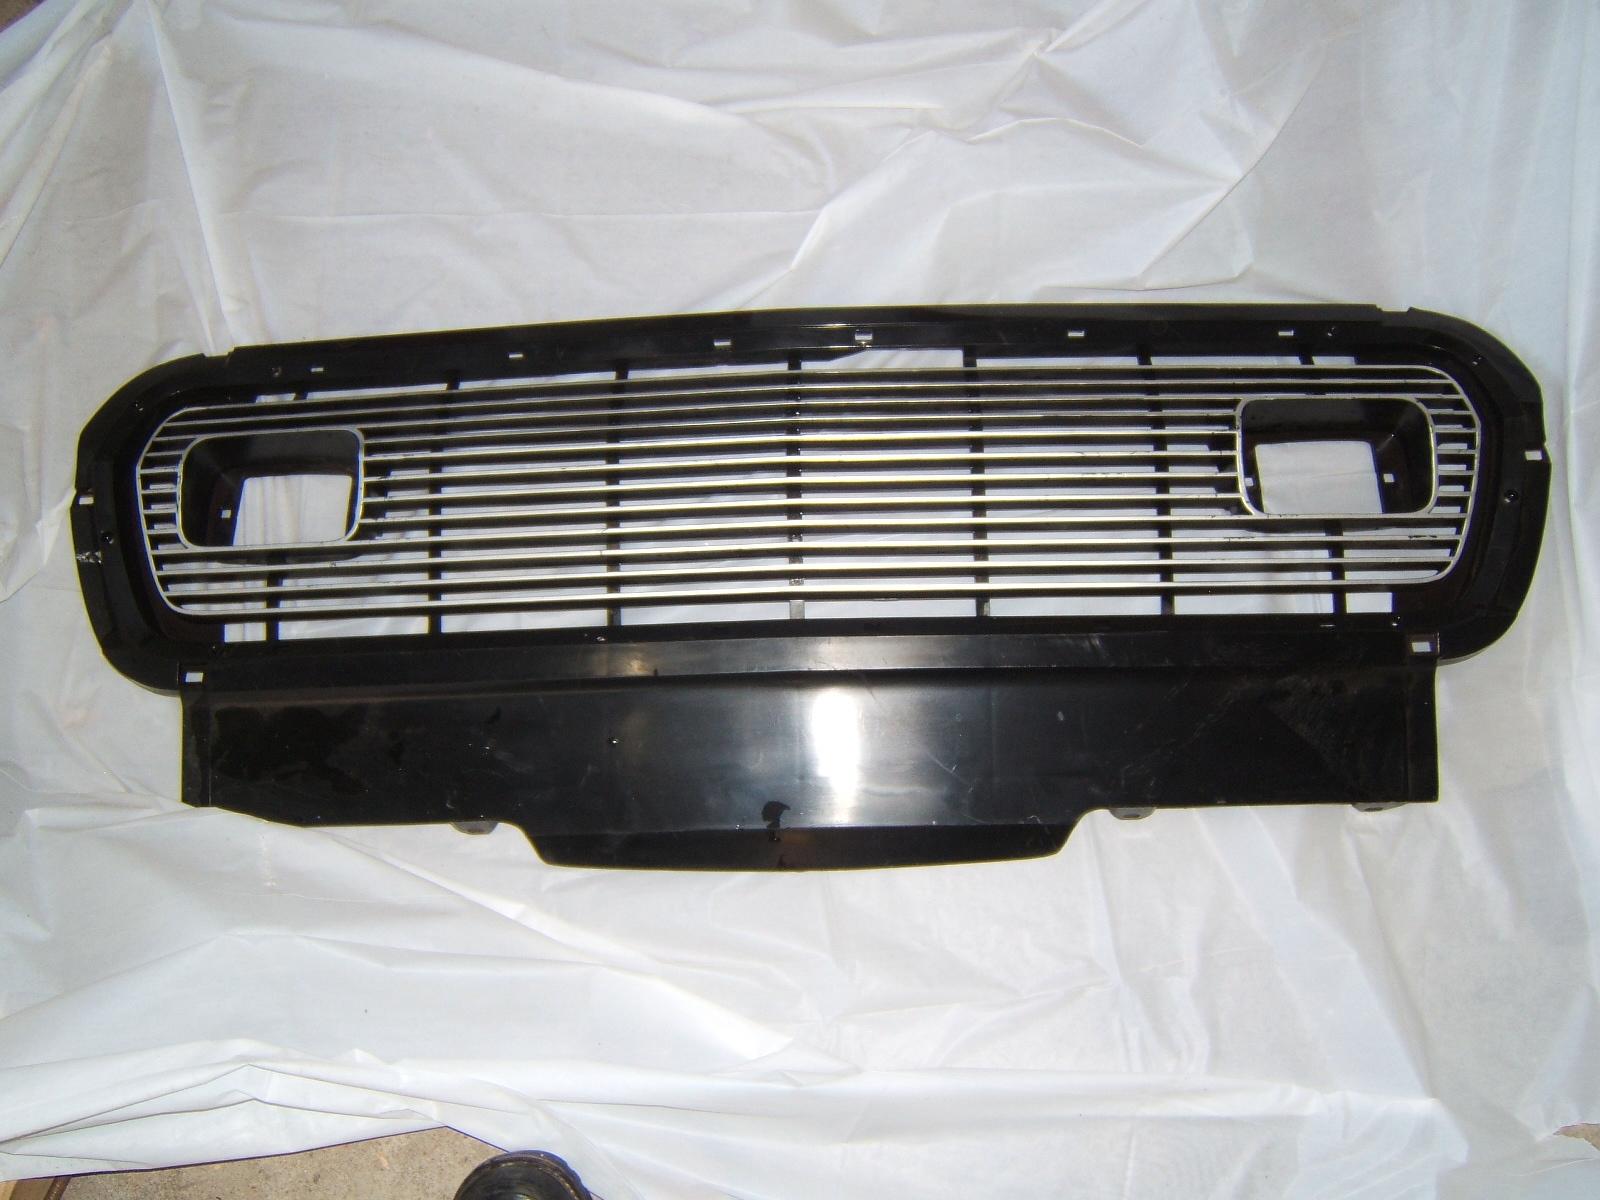 1974 1975 AMC Gremlin grille nos 8124146 (a 8124146)